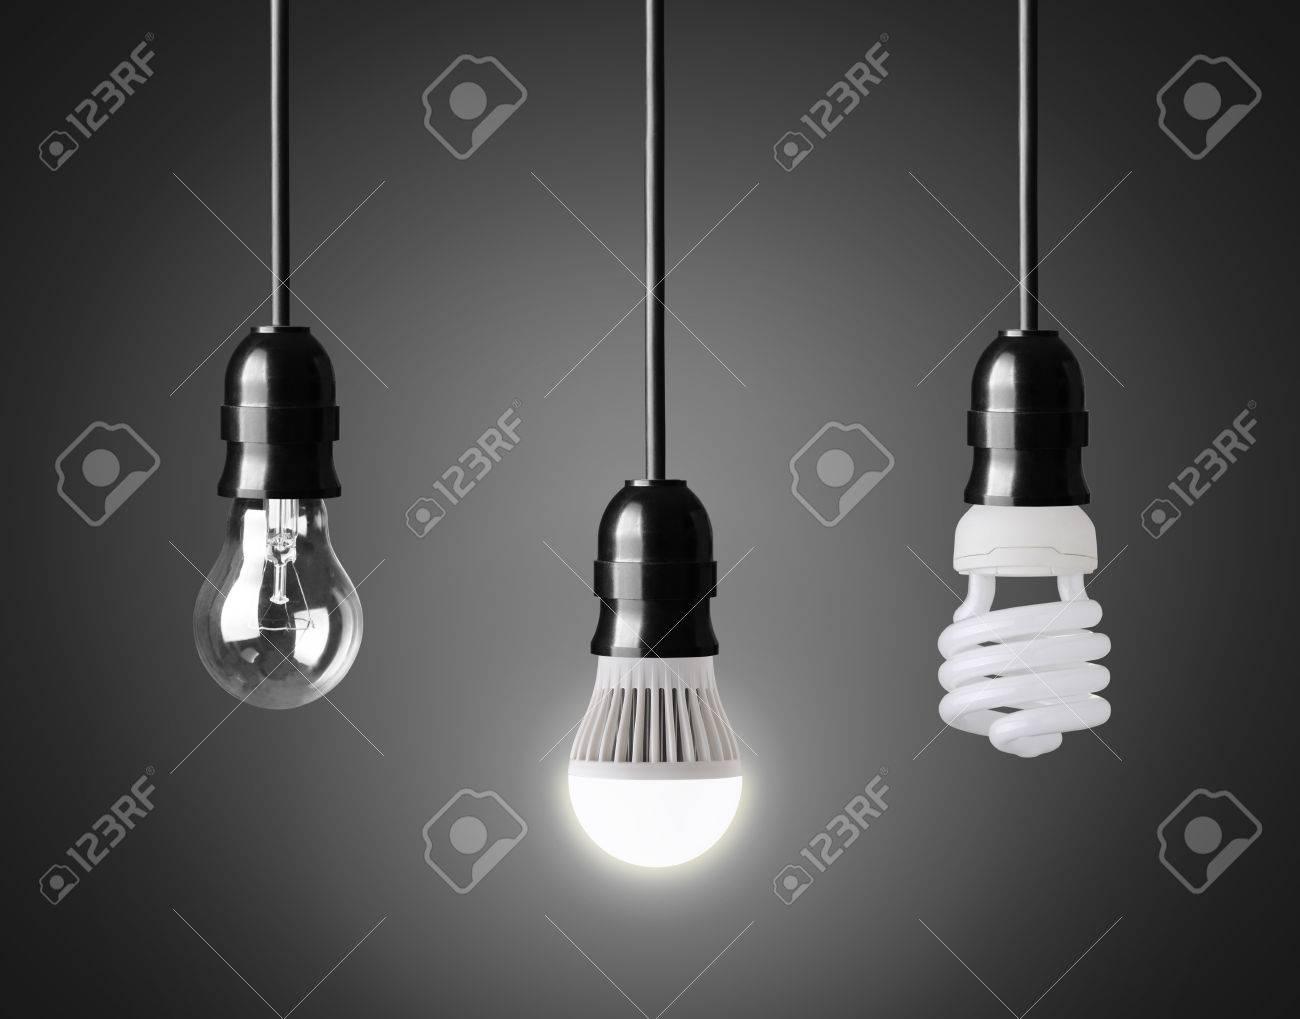 30696644 ampoule ampoule %C3%A9conomie d 39 %C3%A9nergie et ampoule led sur le noir Banque dimages Résultat Supérieur 15 Impressionnant Economie Ampoule Led Photographie 2017 Hiw6